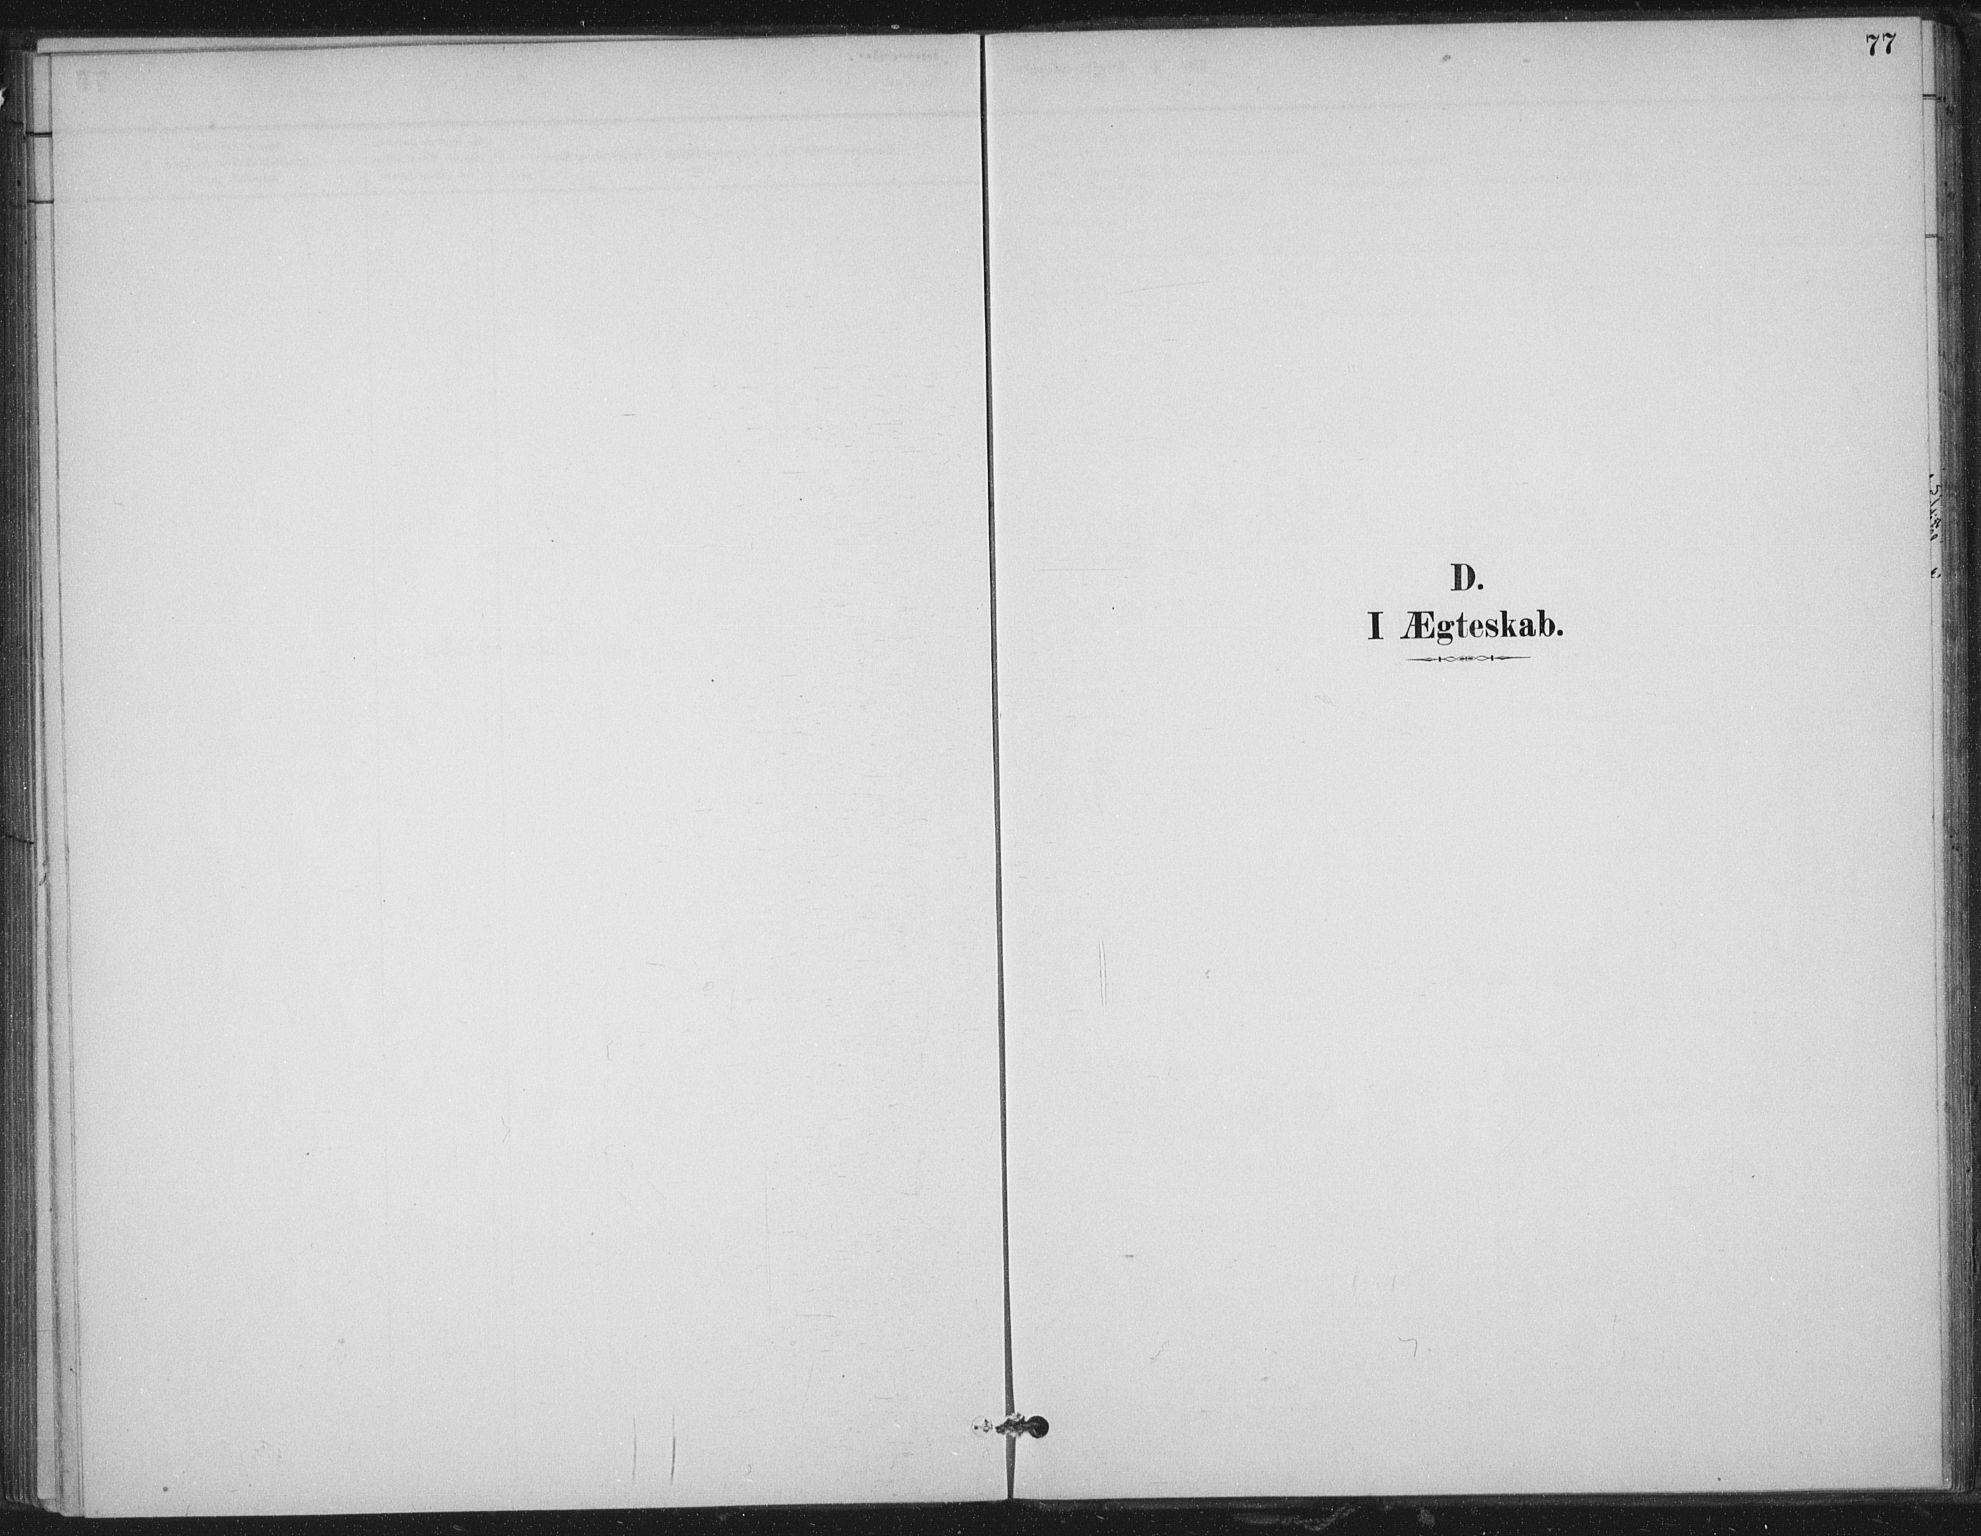 SAT, Ministerialprotokoller, klokkerbøker og fødselsregistre - Nord-Trøndelag, 702/L0023: Parish register (official) no. 702A01, 1883-1897, p. 77